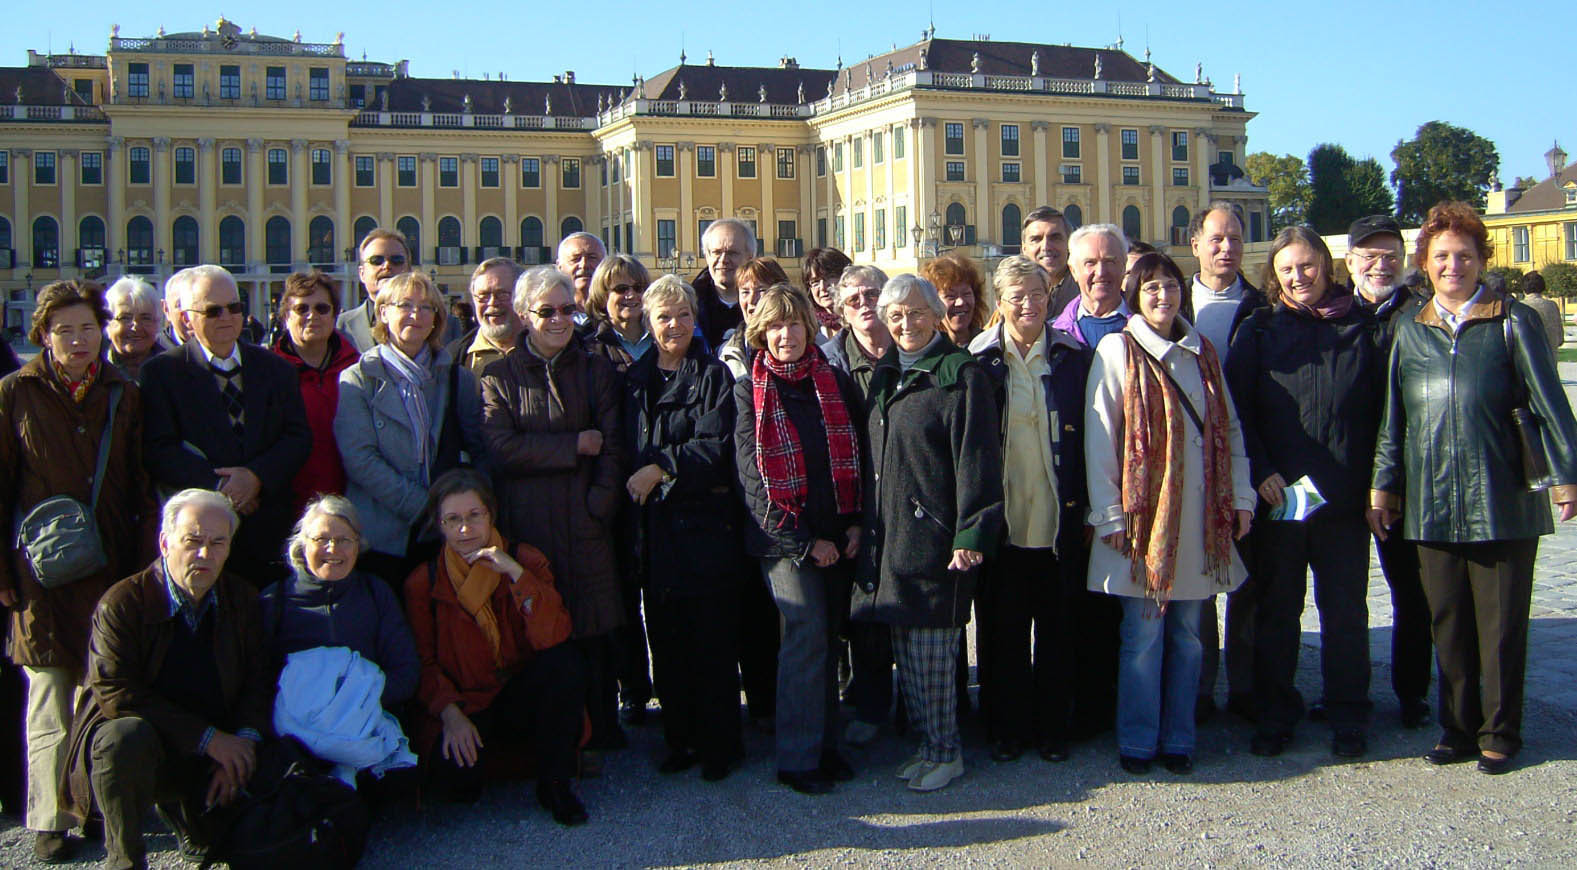 2008 - Vor dem Schloß Schönbrunn während der Chor-Reise nach Wien